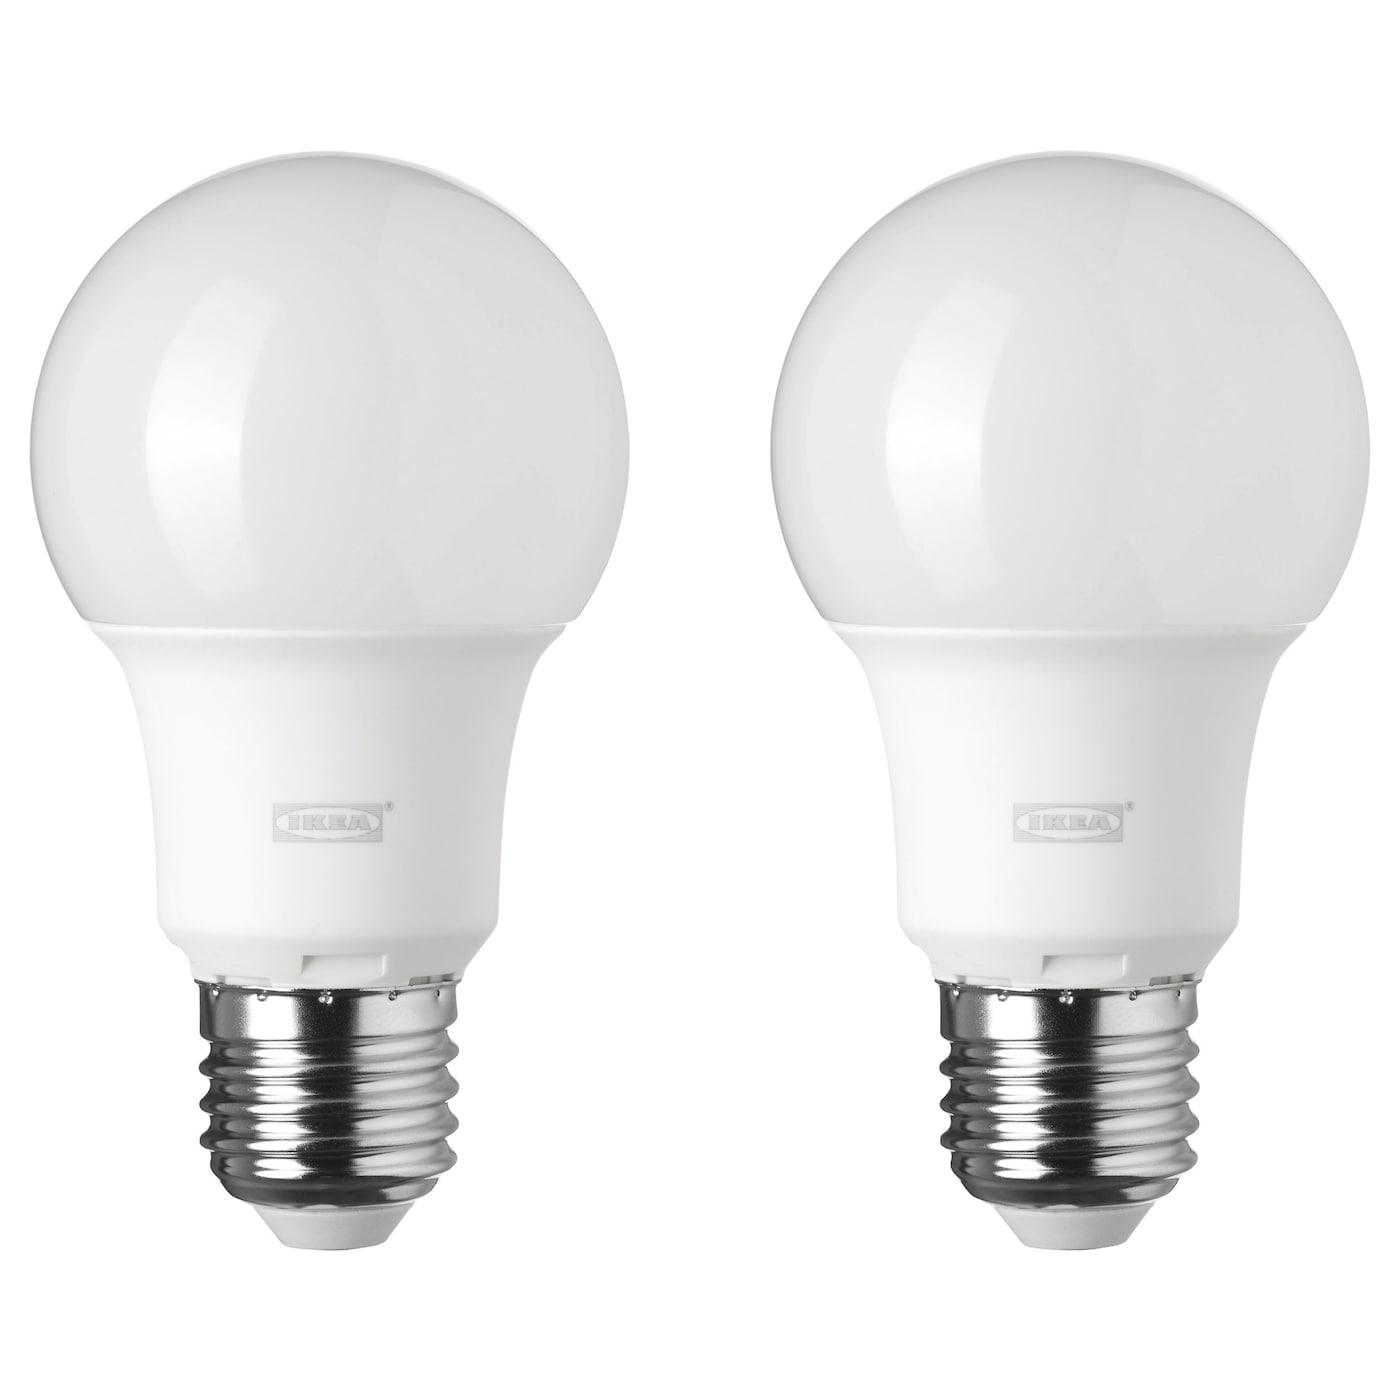 RYET LED bulb E27 600 lumen Globe opal white